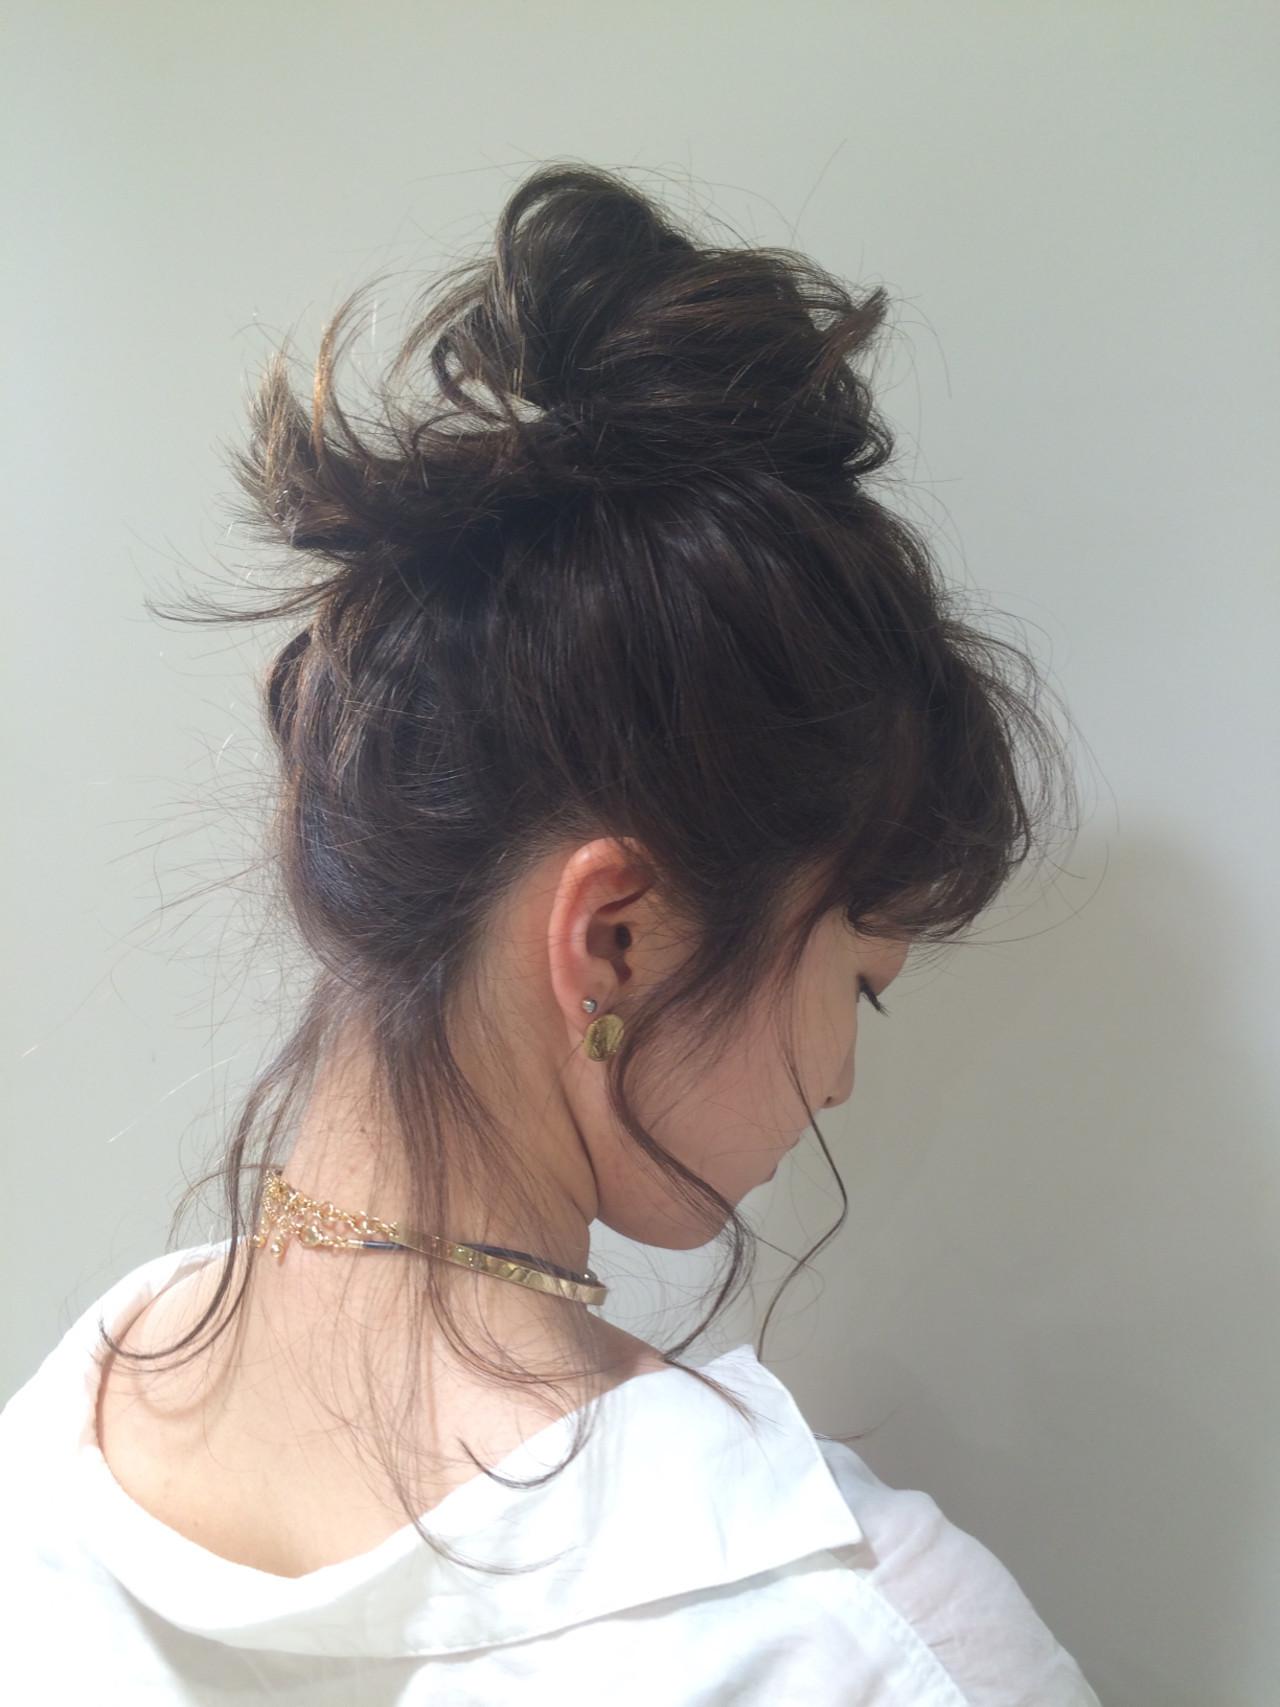 アンニュイほつれヘア ミディアム 簡単ヘアアレンジ オフィス ヘアスタイルや髪型の写真・画像